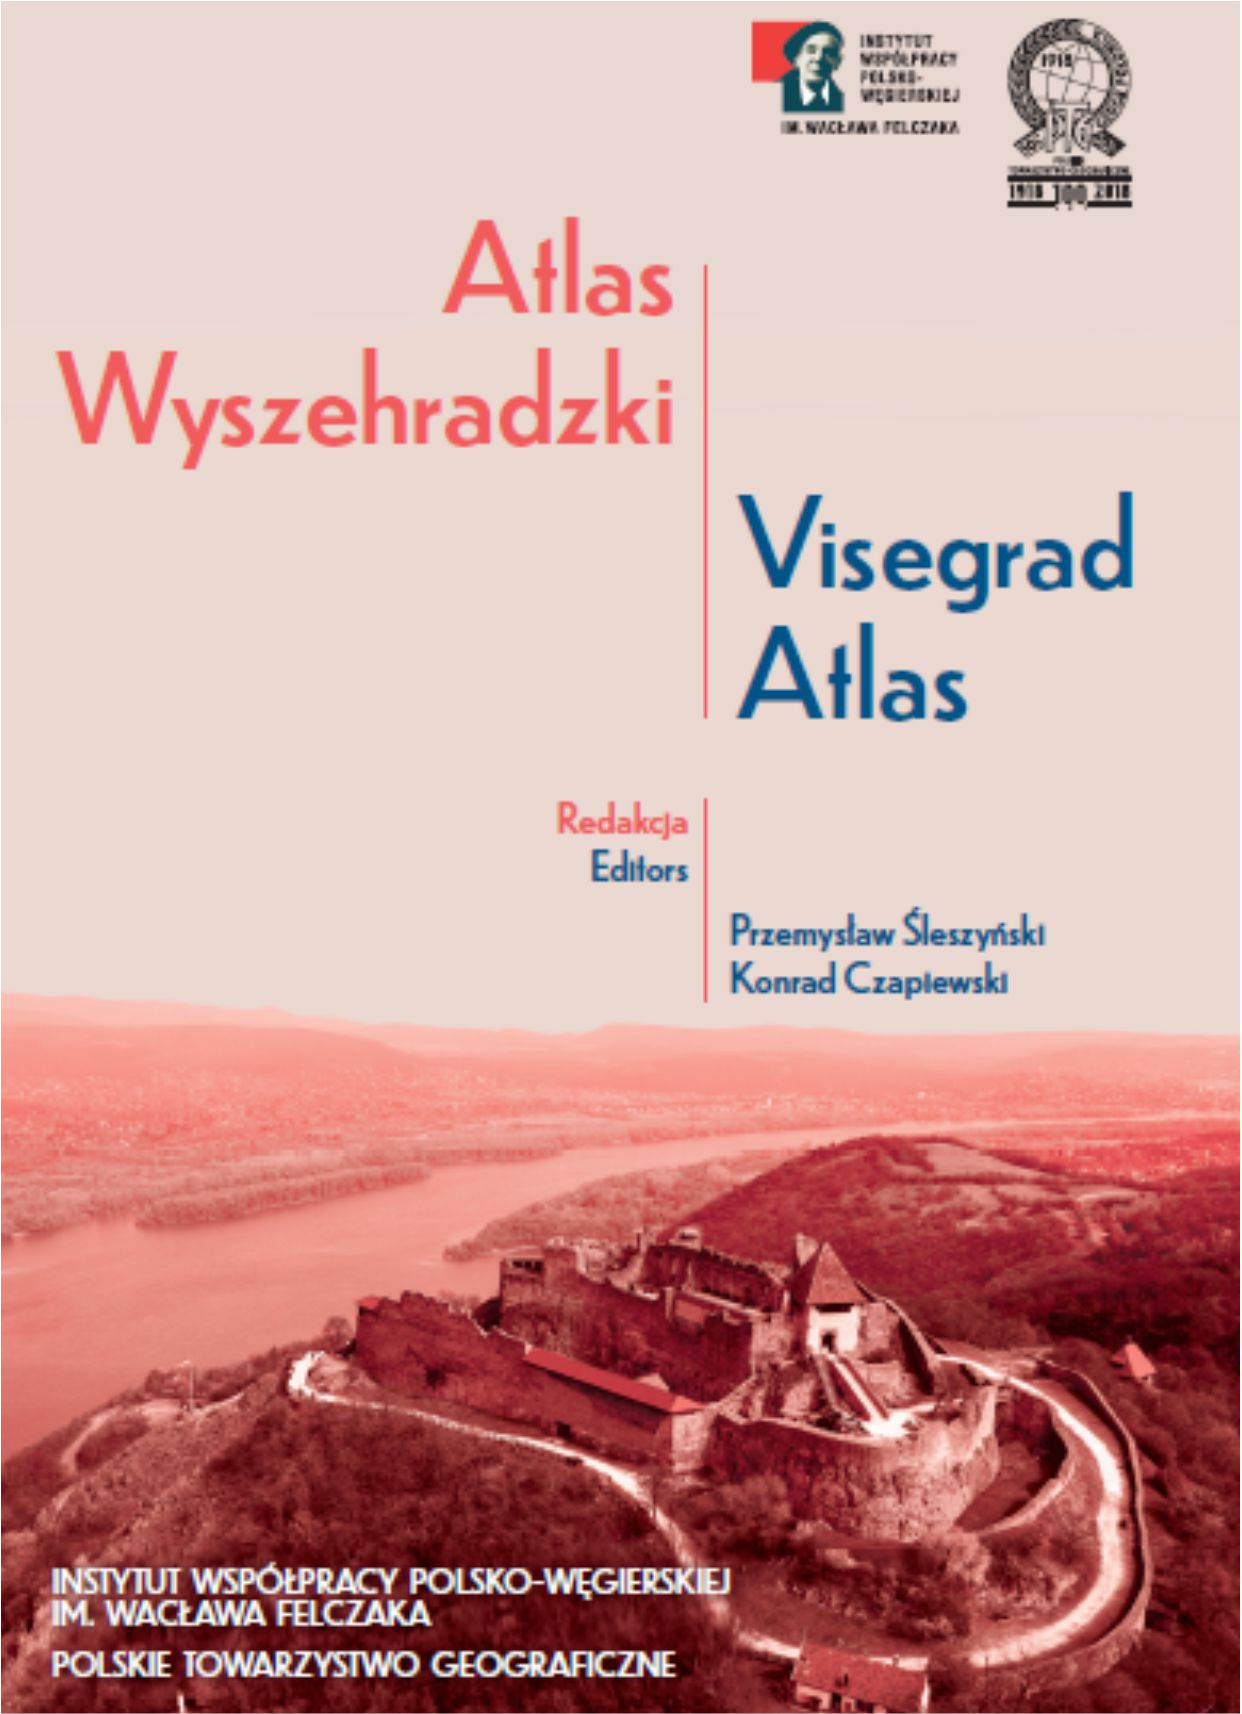 Atlas Wyszehradzki / Visegrad Atlas